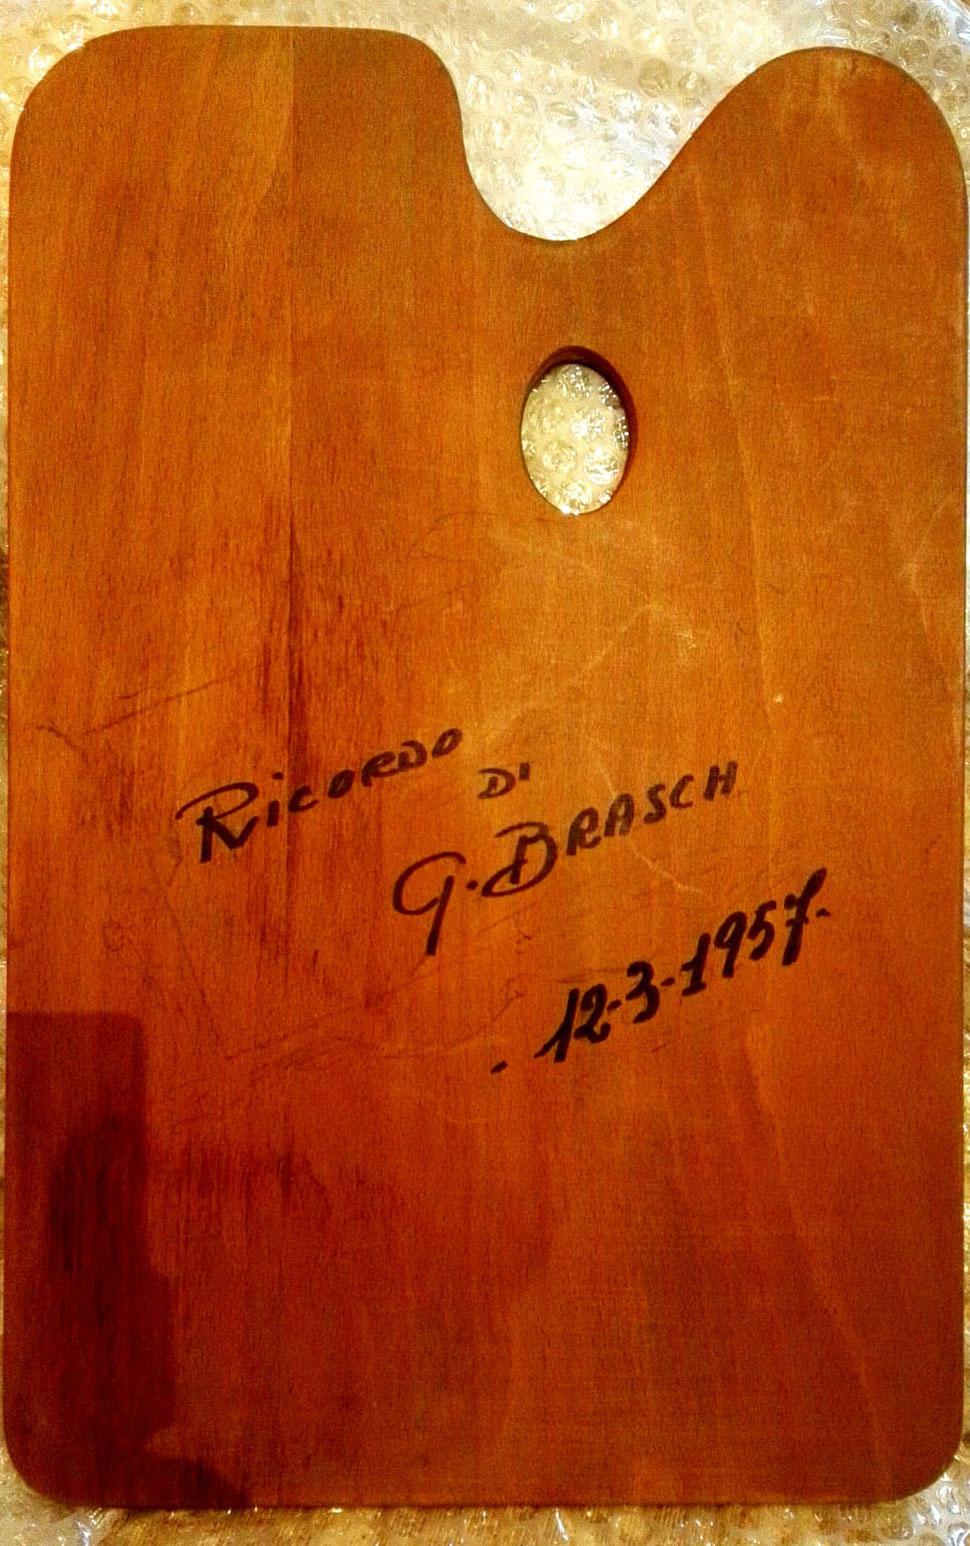 La tavolozza di Hans Brasch, per gentile concessione di Angelo Batti